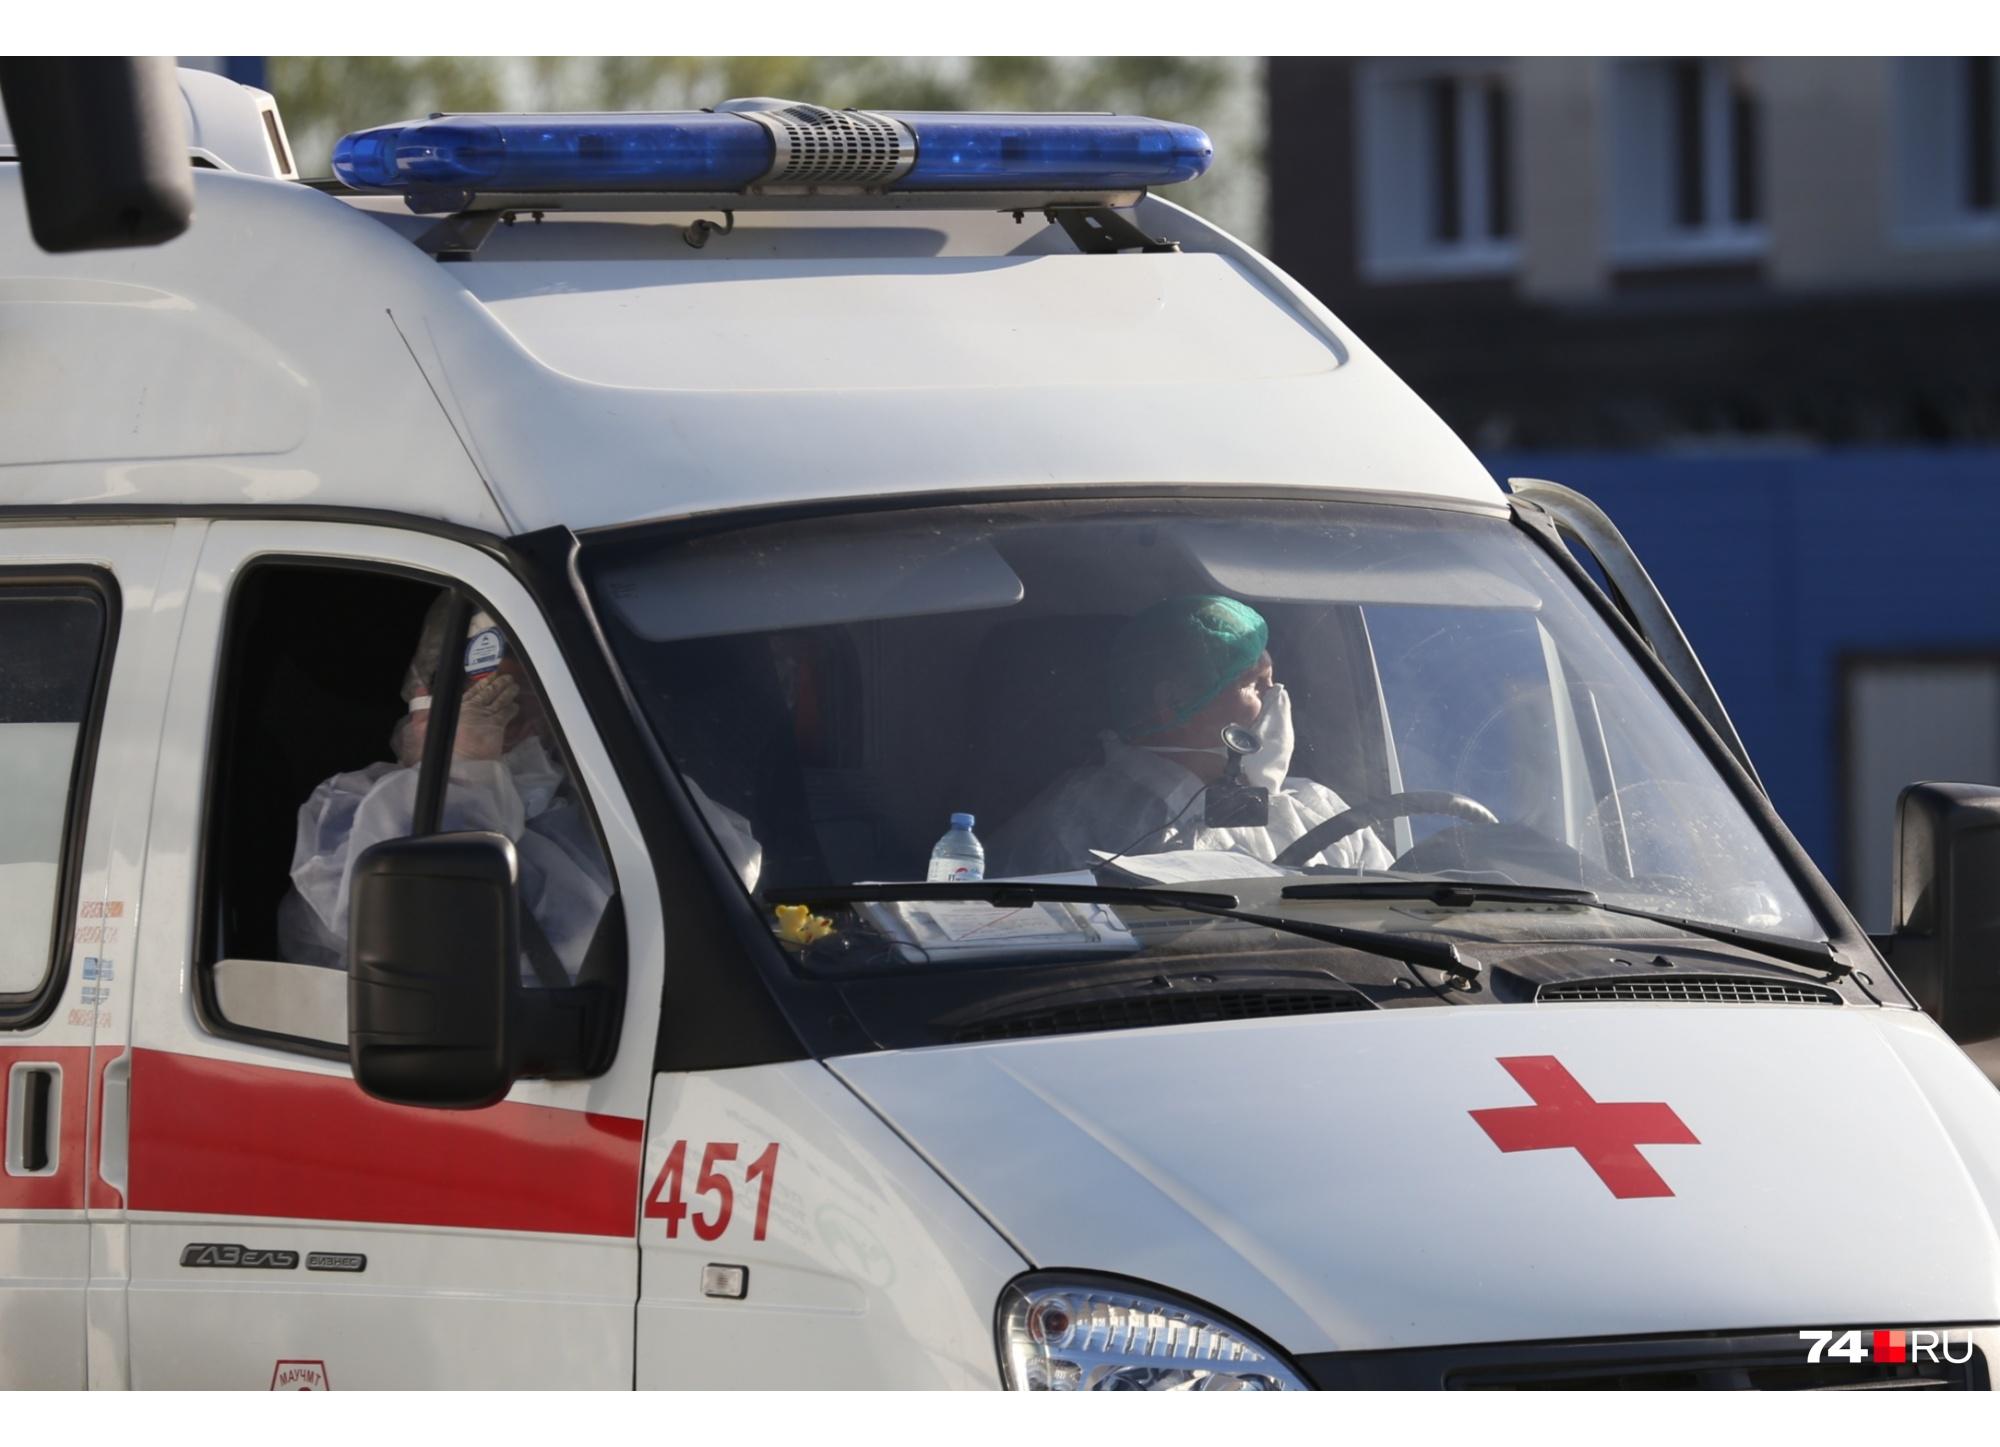 Больную на скорой отвезли в больницу, а потом на ней же доставили до дома